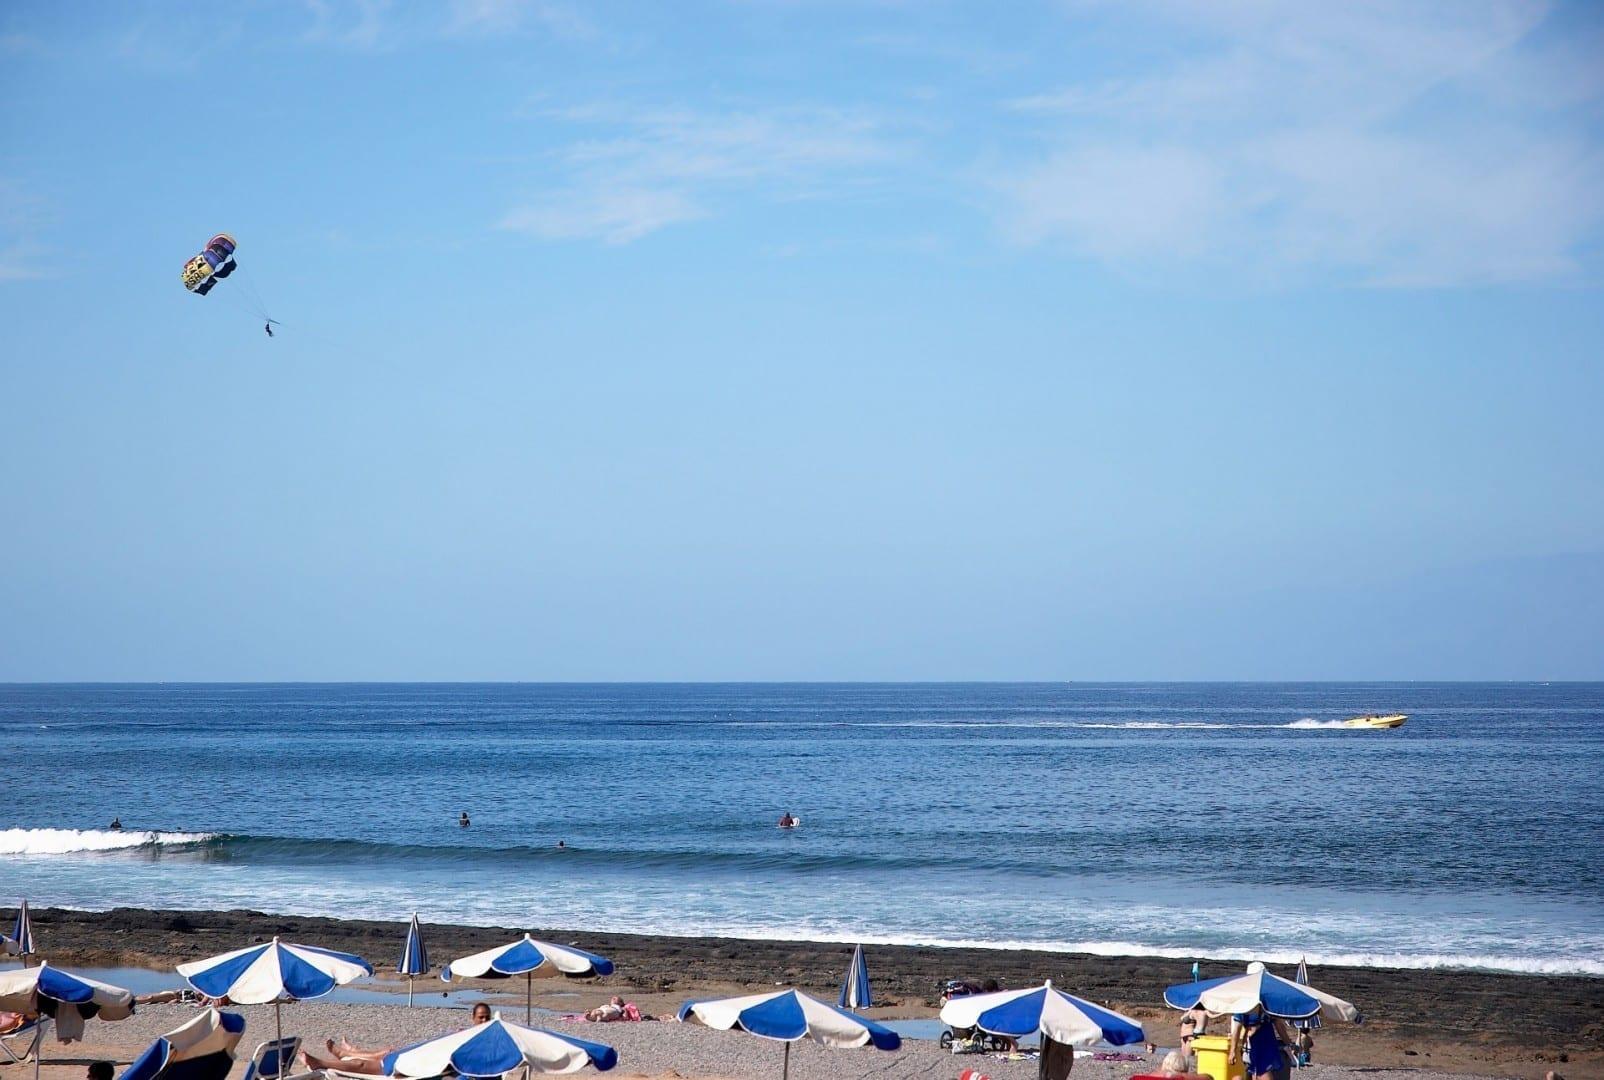 Paracaidismo y tomar el sol Playa de las Américas España